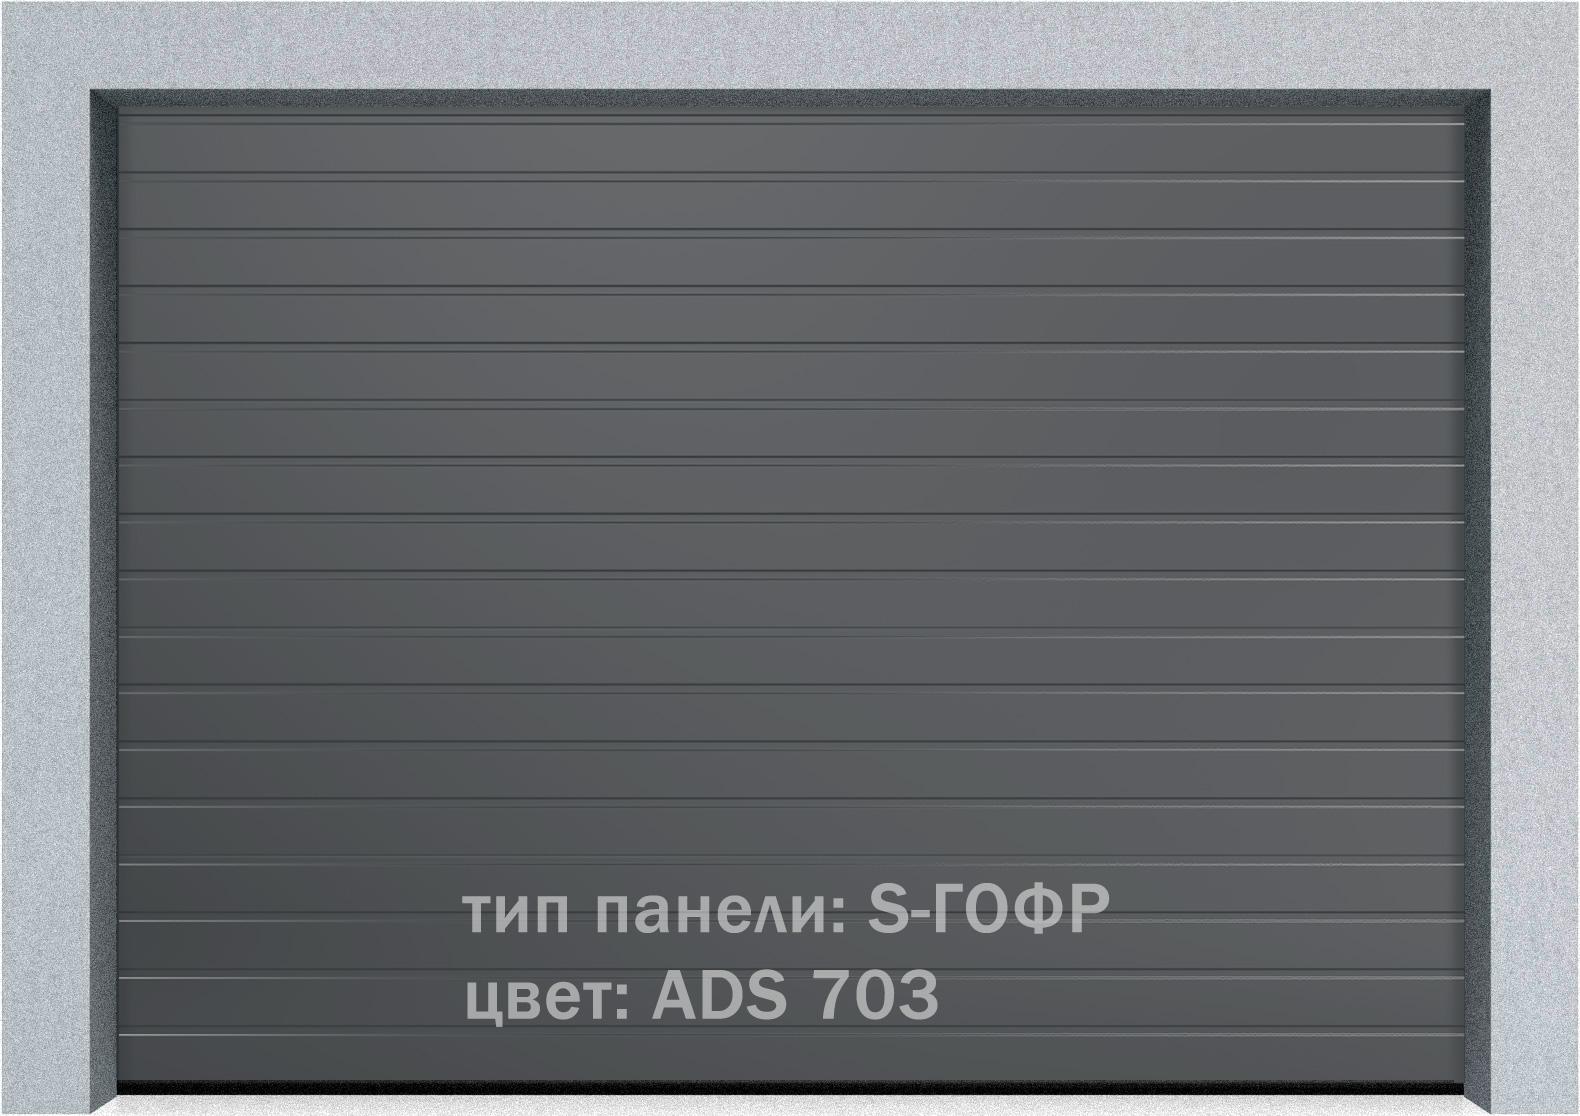 Секционные гаражные ворота Alutech Trend 1875x2250 S-гофр, Микроволна стандартные цвета, пружины растяжения, фото 10